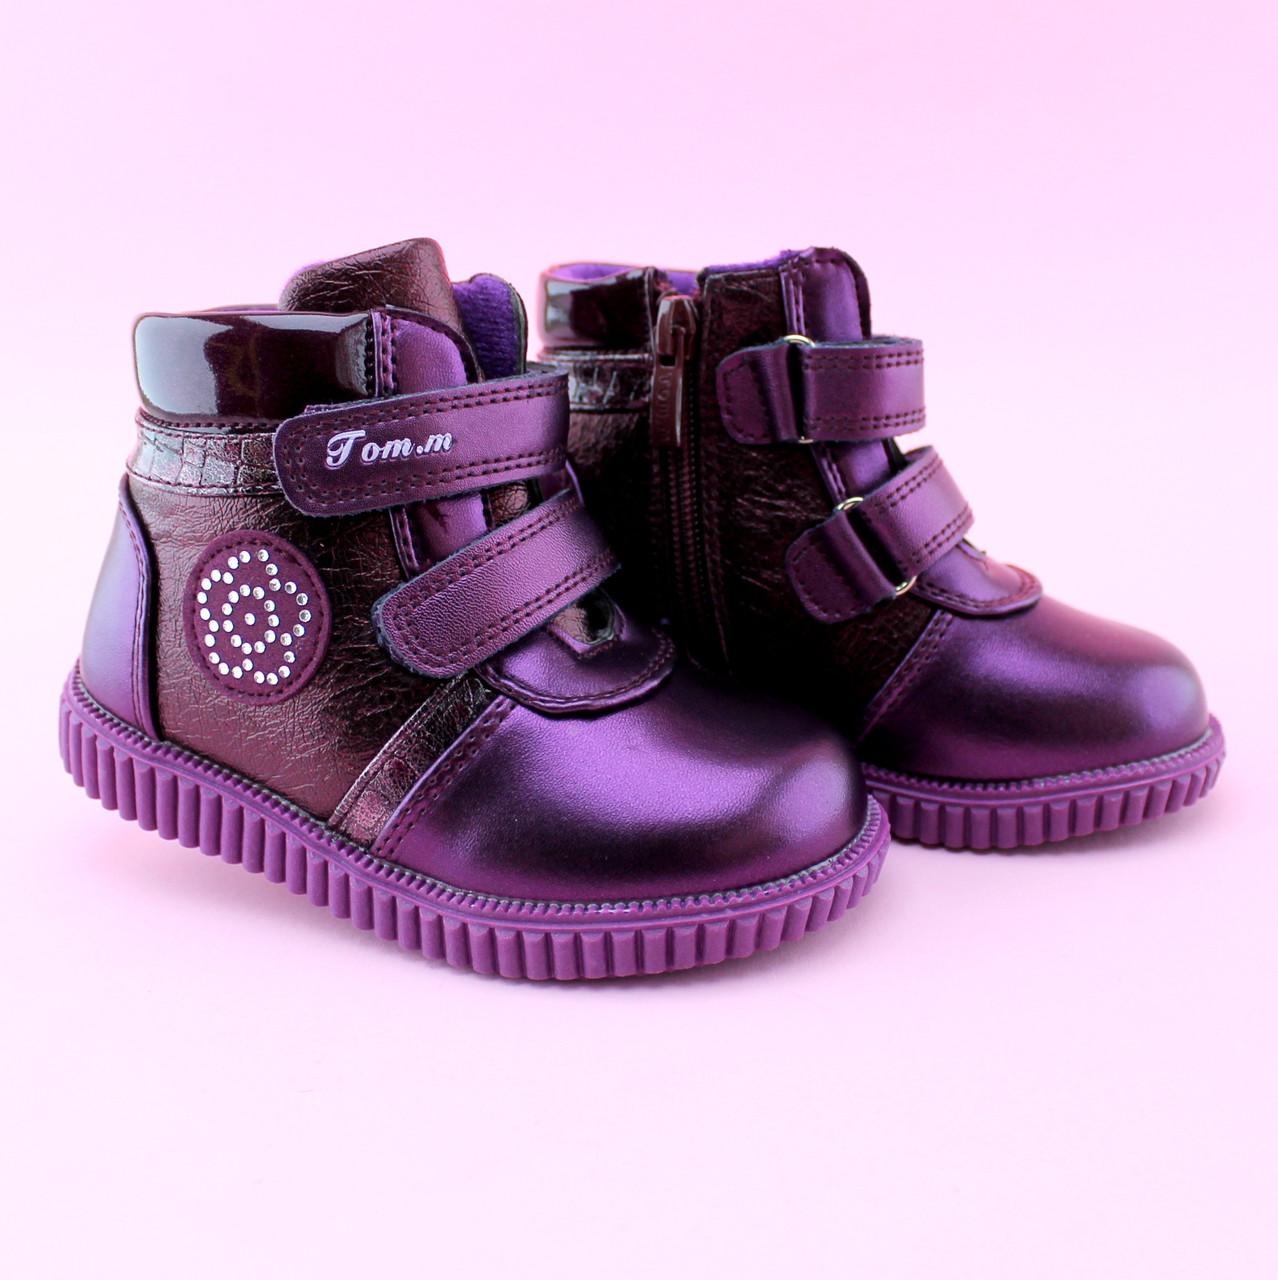 Ботинки демисезонные высокие девочке Бордо бренд tom.m размер 22,23,24,26